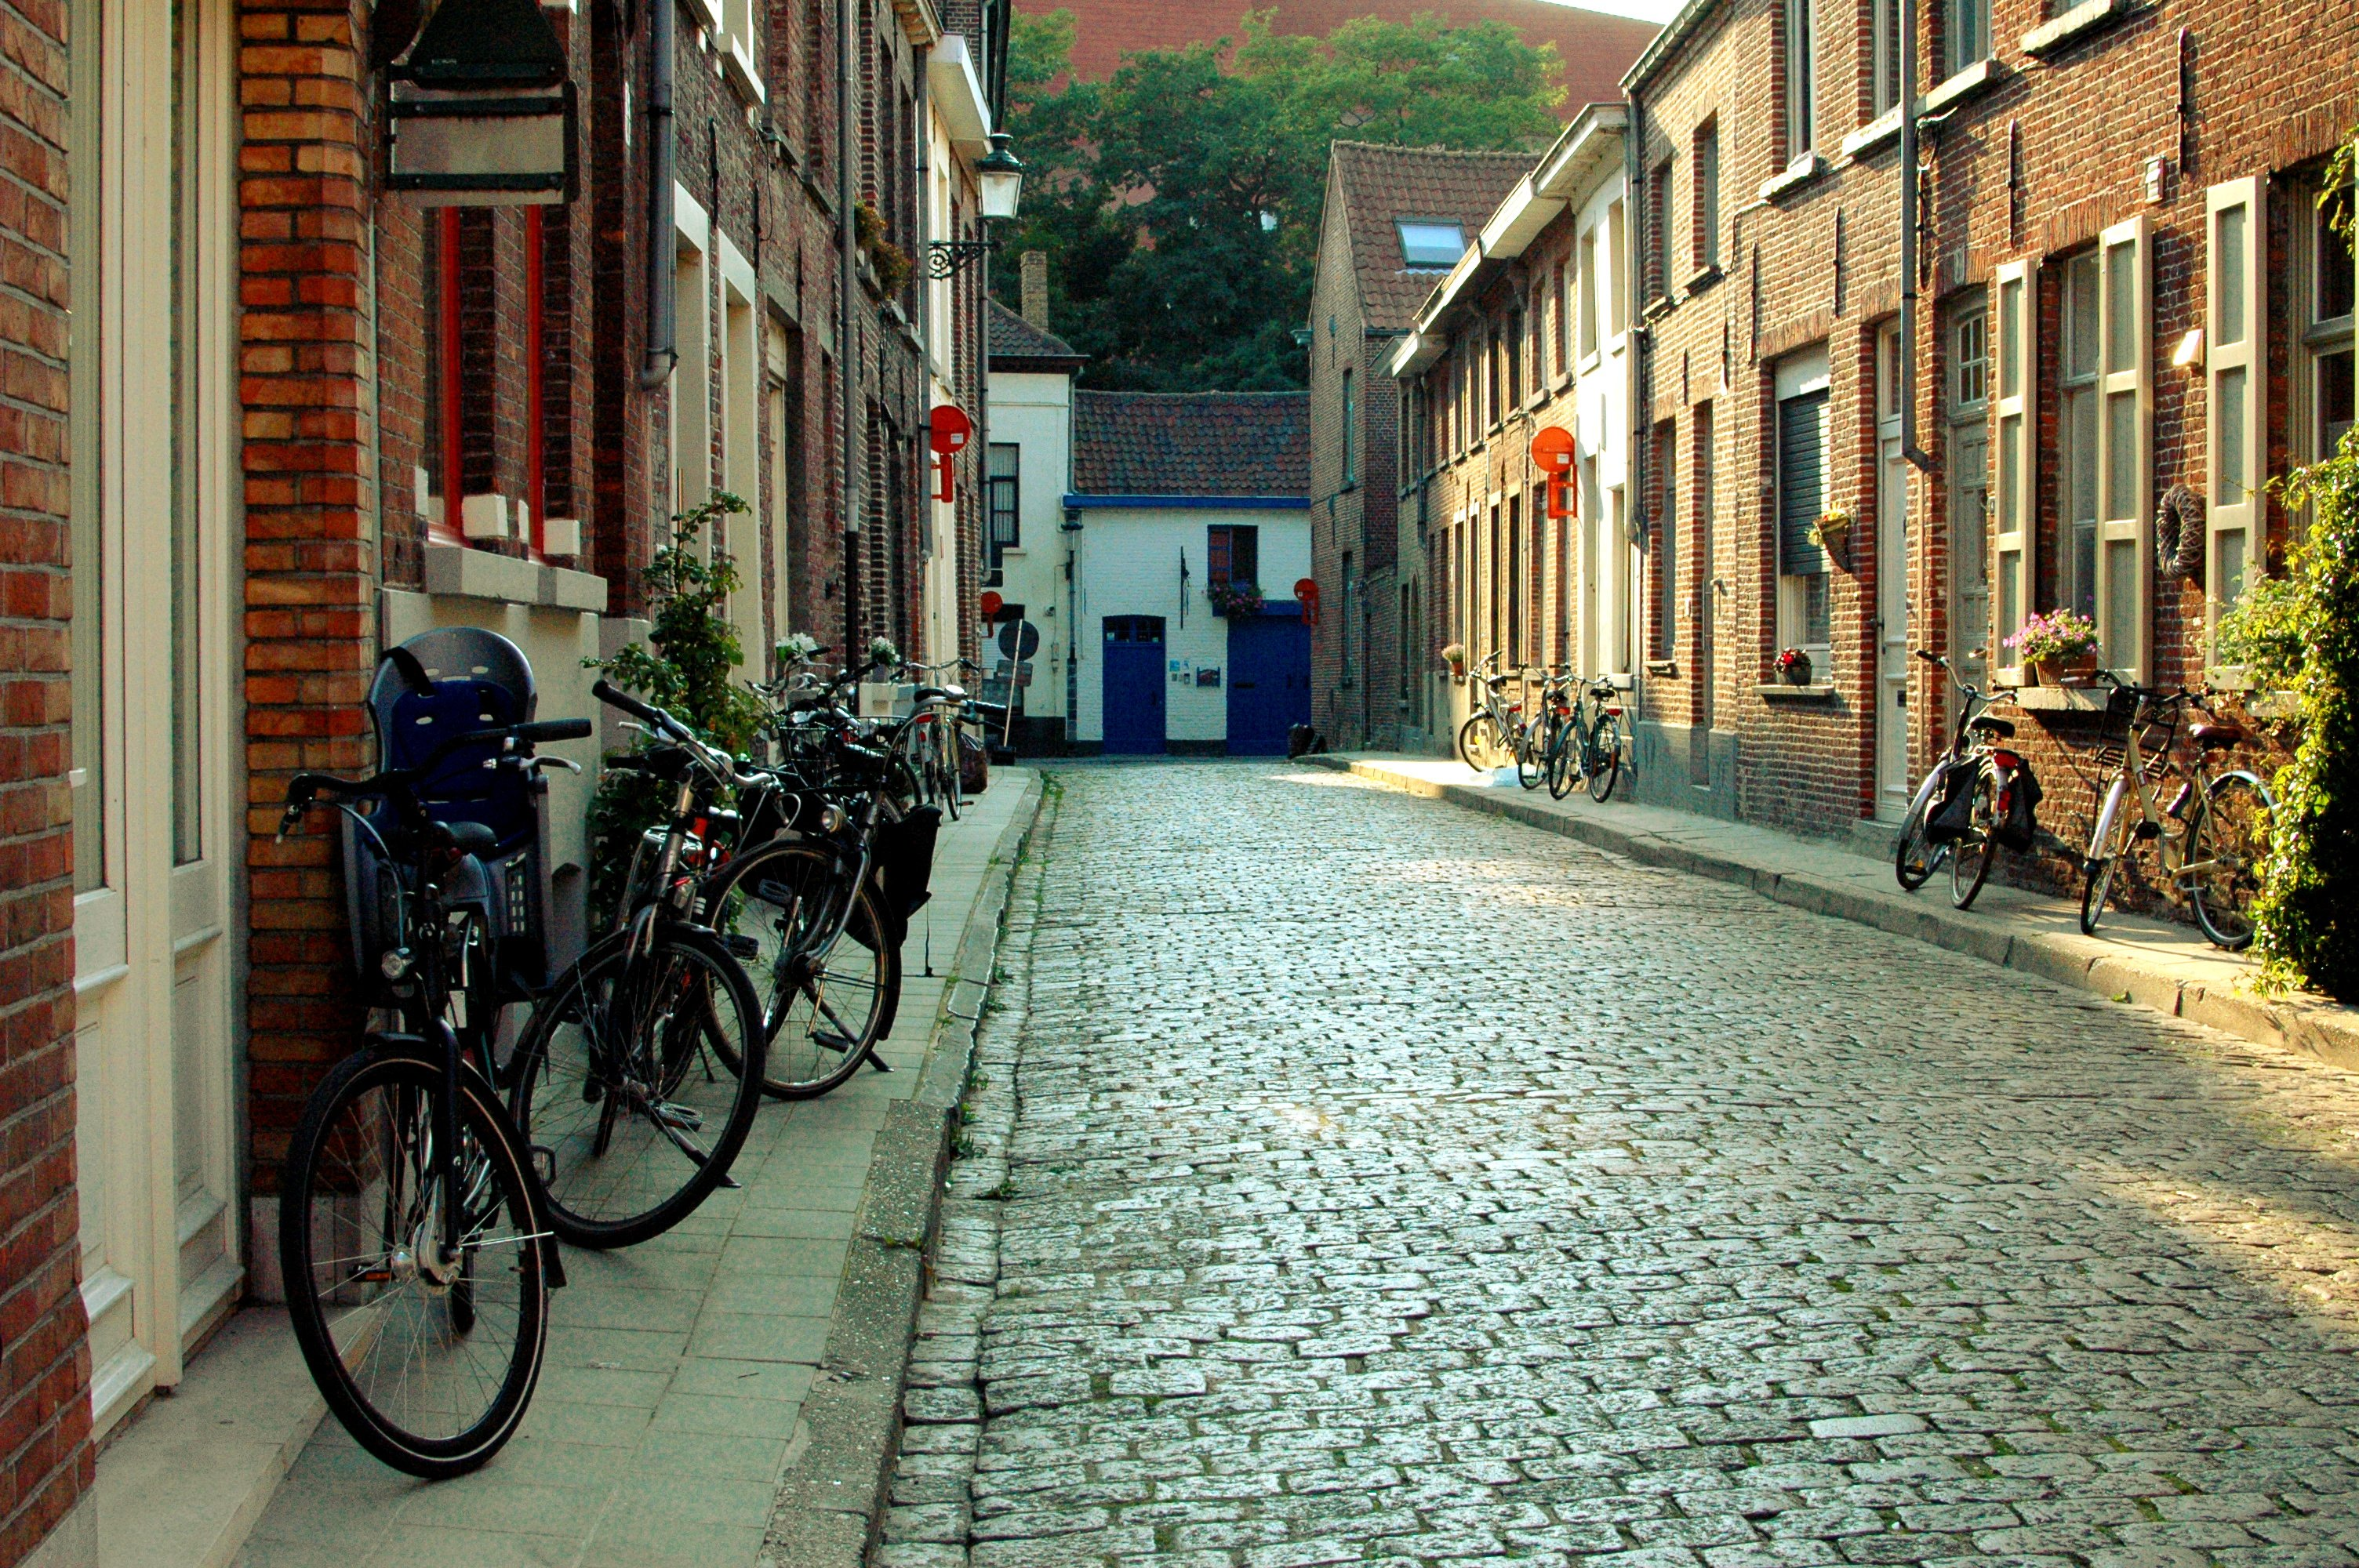 Bruges Streets - A Travel Guide to Bruges, Belgium